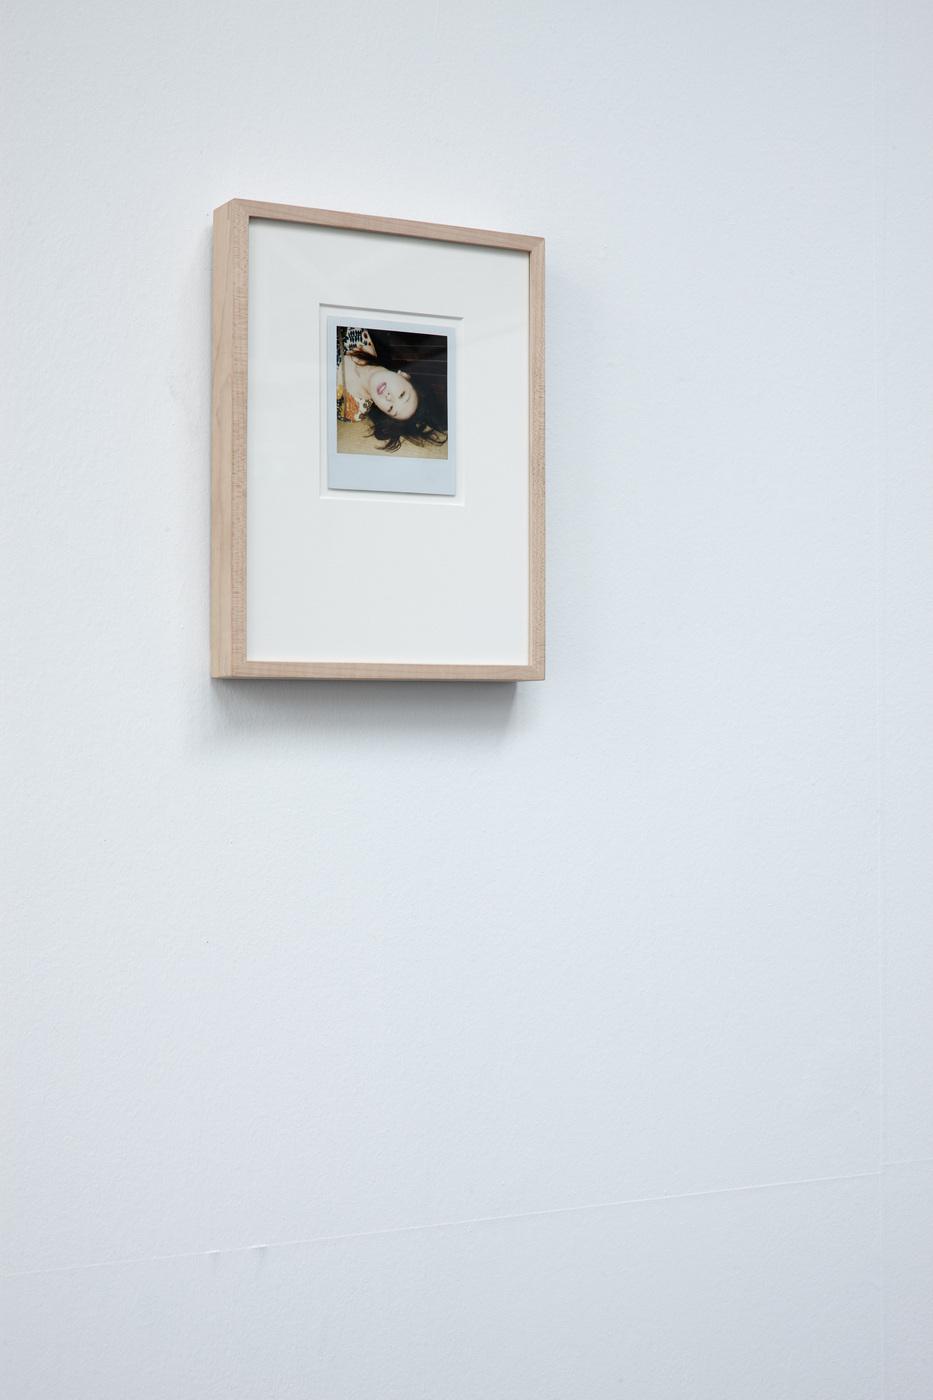 Nobuyoshi Araki - Untitled, 2003 – 2004